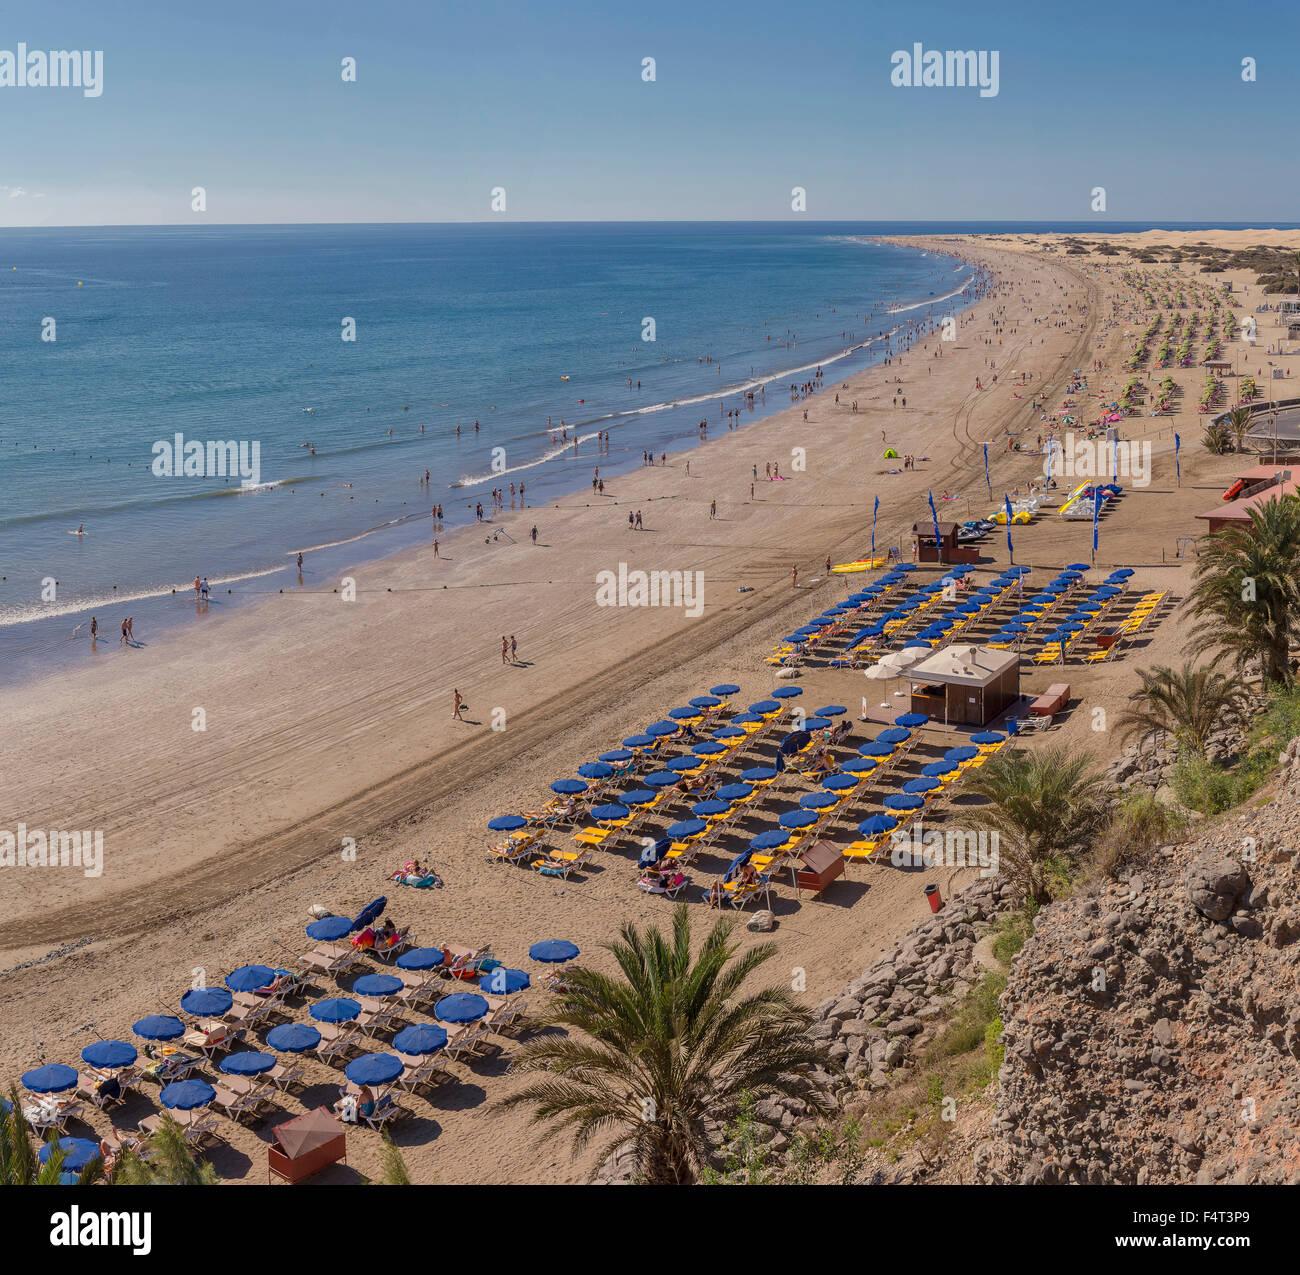 Spanien, Europa, Playa del Ingles, Gran Canaria, Kanaren, Playa de Las Burras, Sommer, Strand, Meer, Menschen, Landschaft, Stockbild